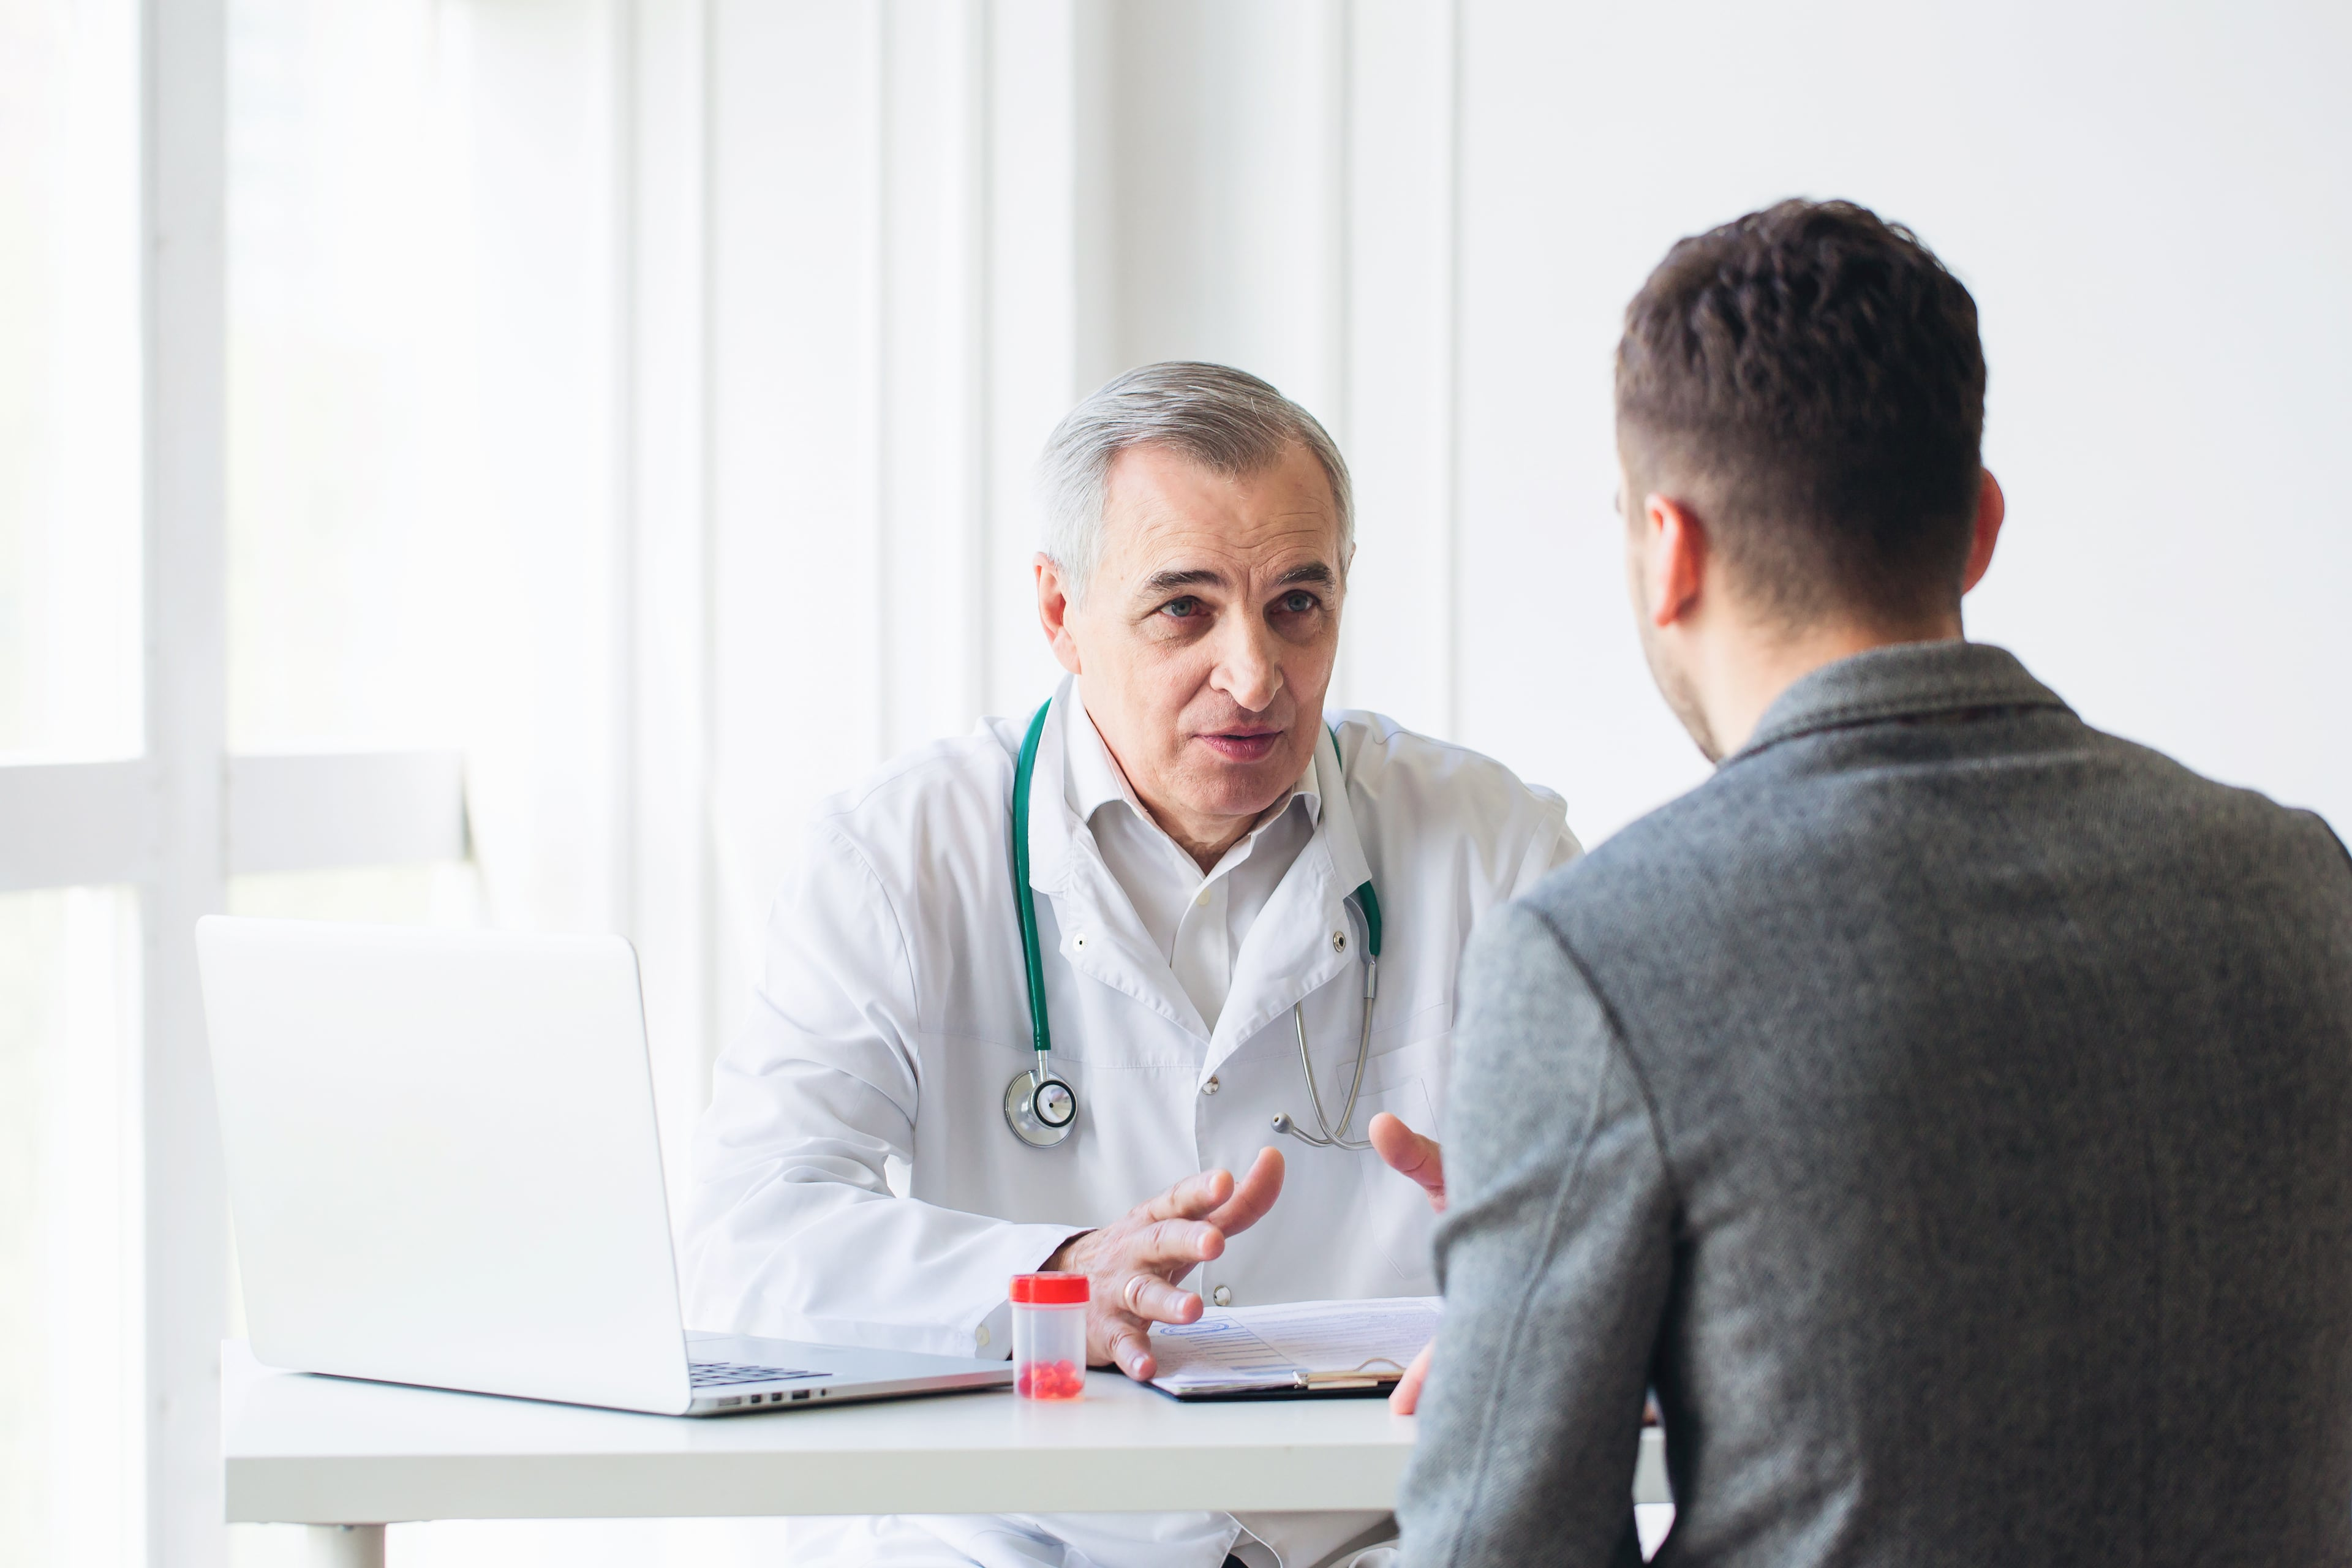 Удаление аденомы простаты: основные последствия, методы предотвращения осложнений